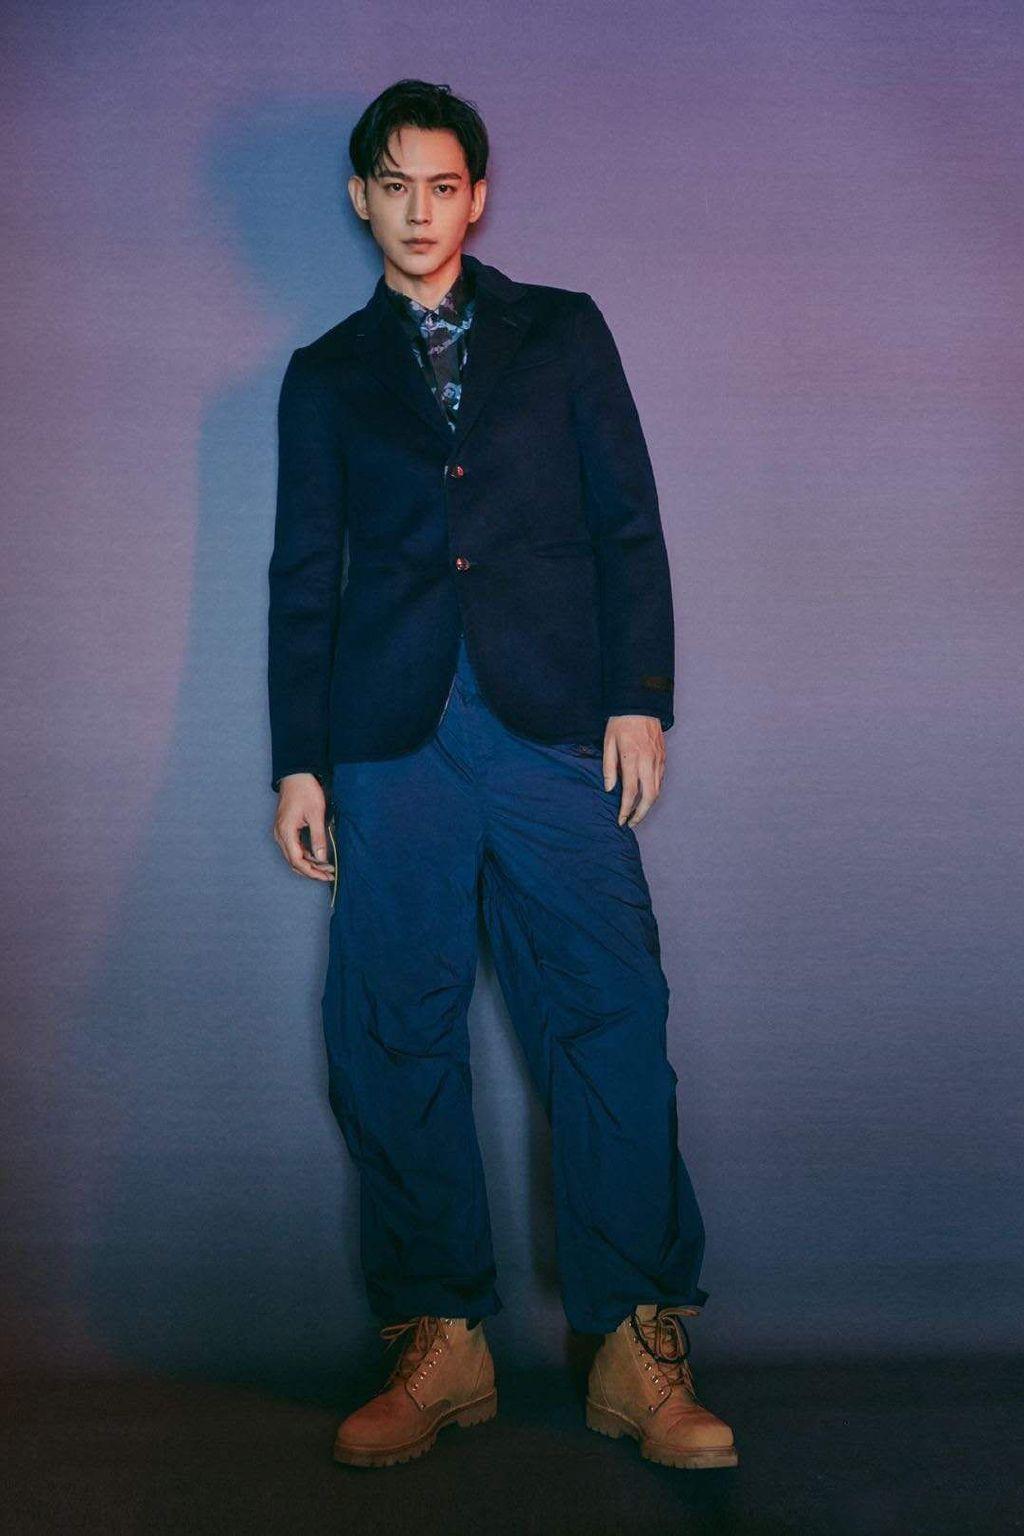 唐晓天身穿深蓝色单排扣西装搭配工装裤,嬉皮绅士的风格